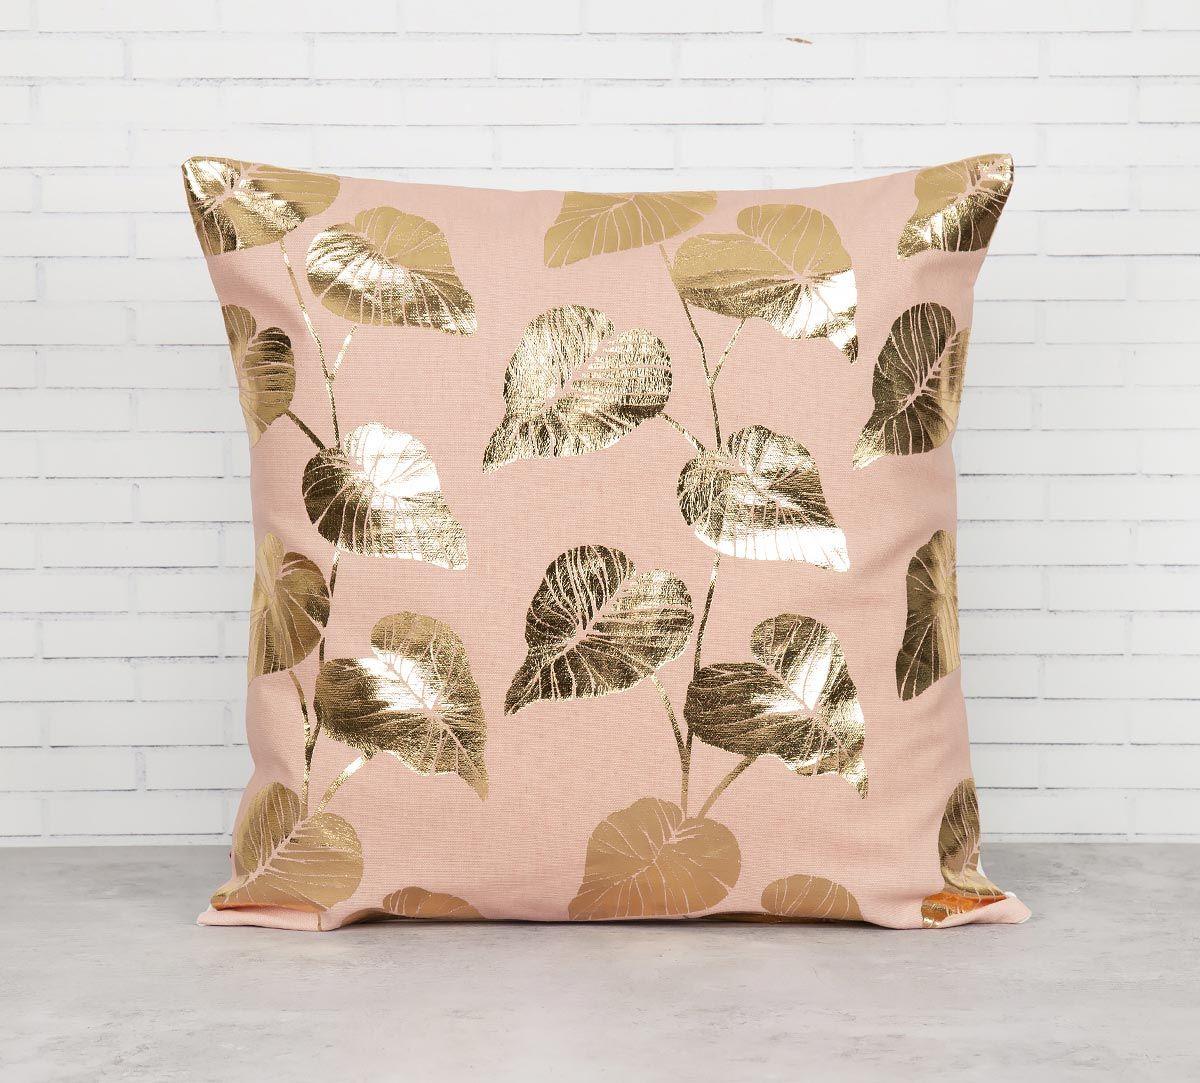 India Circus Leaf Creeper Foil Cushion Cover